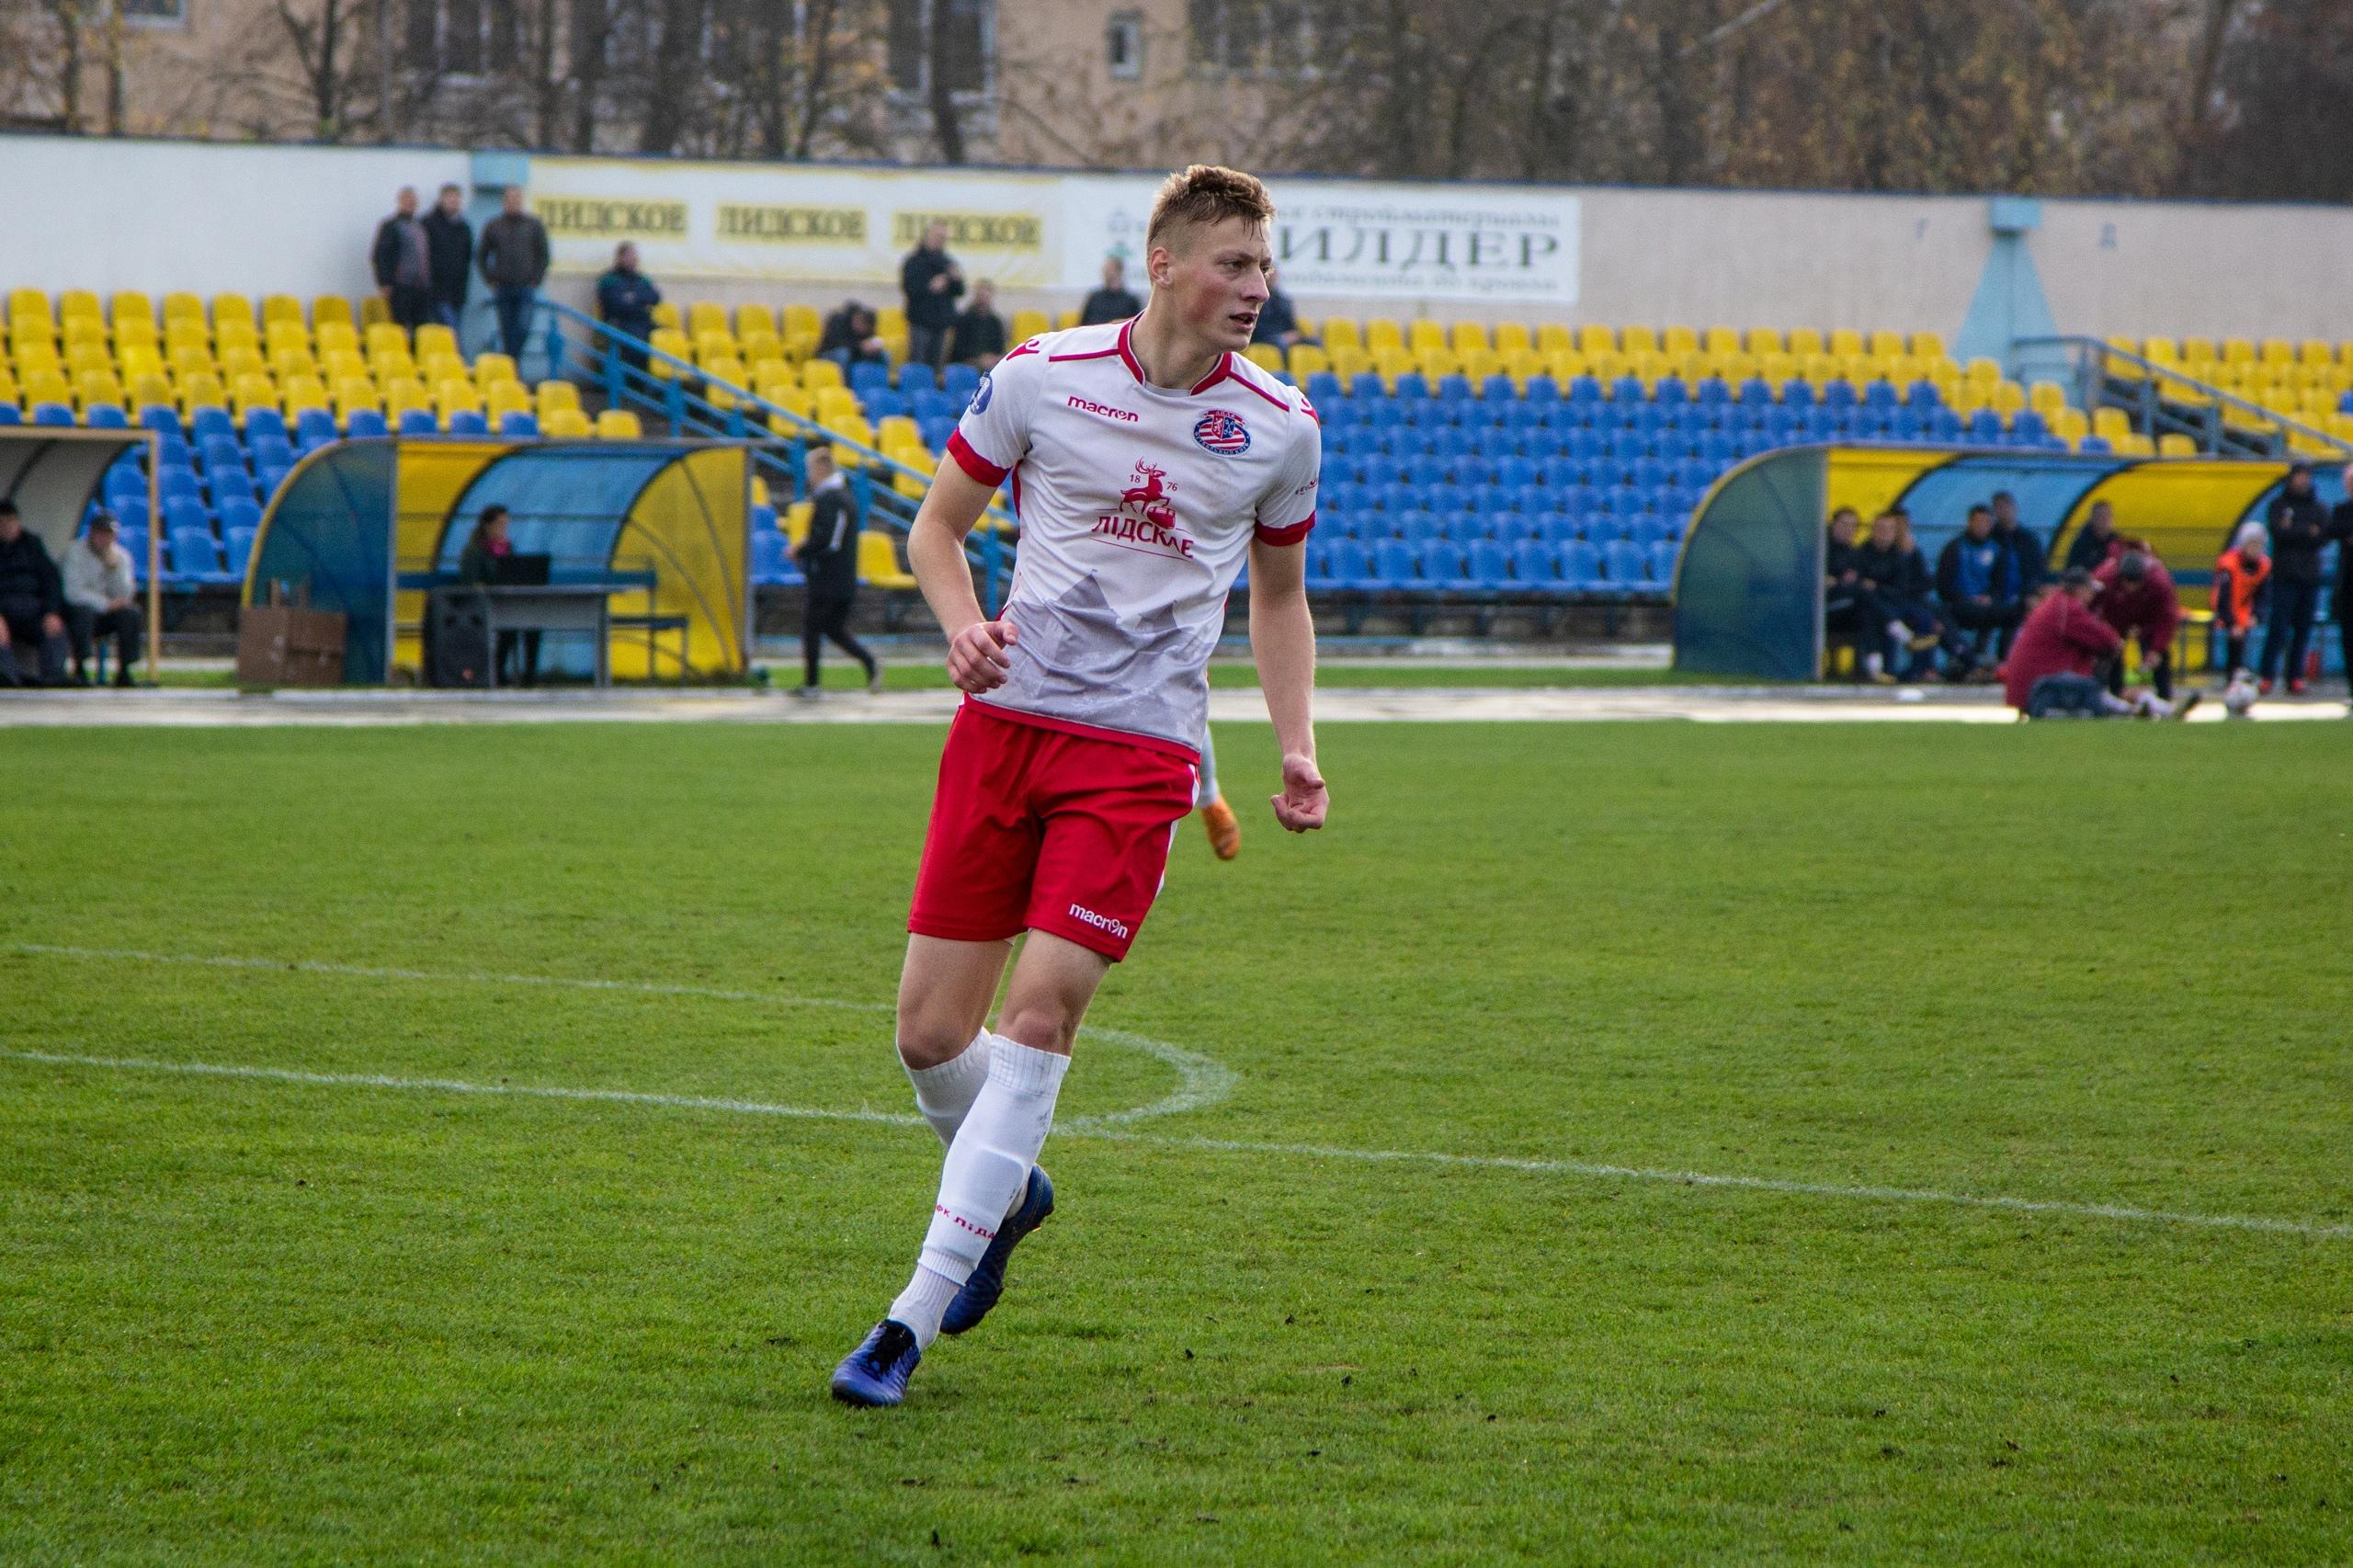 Футбольный клуб «Лида» провел матч 26-го тура чемпионата страны в первой лиге.